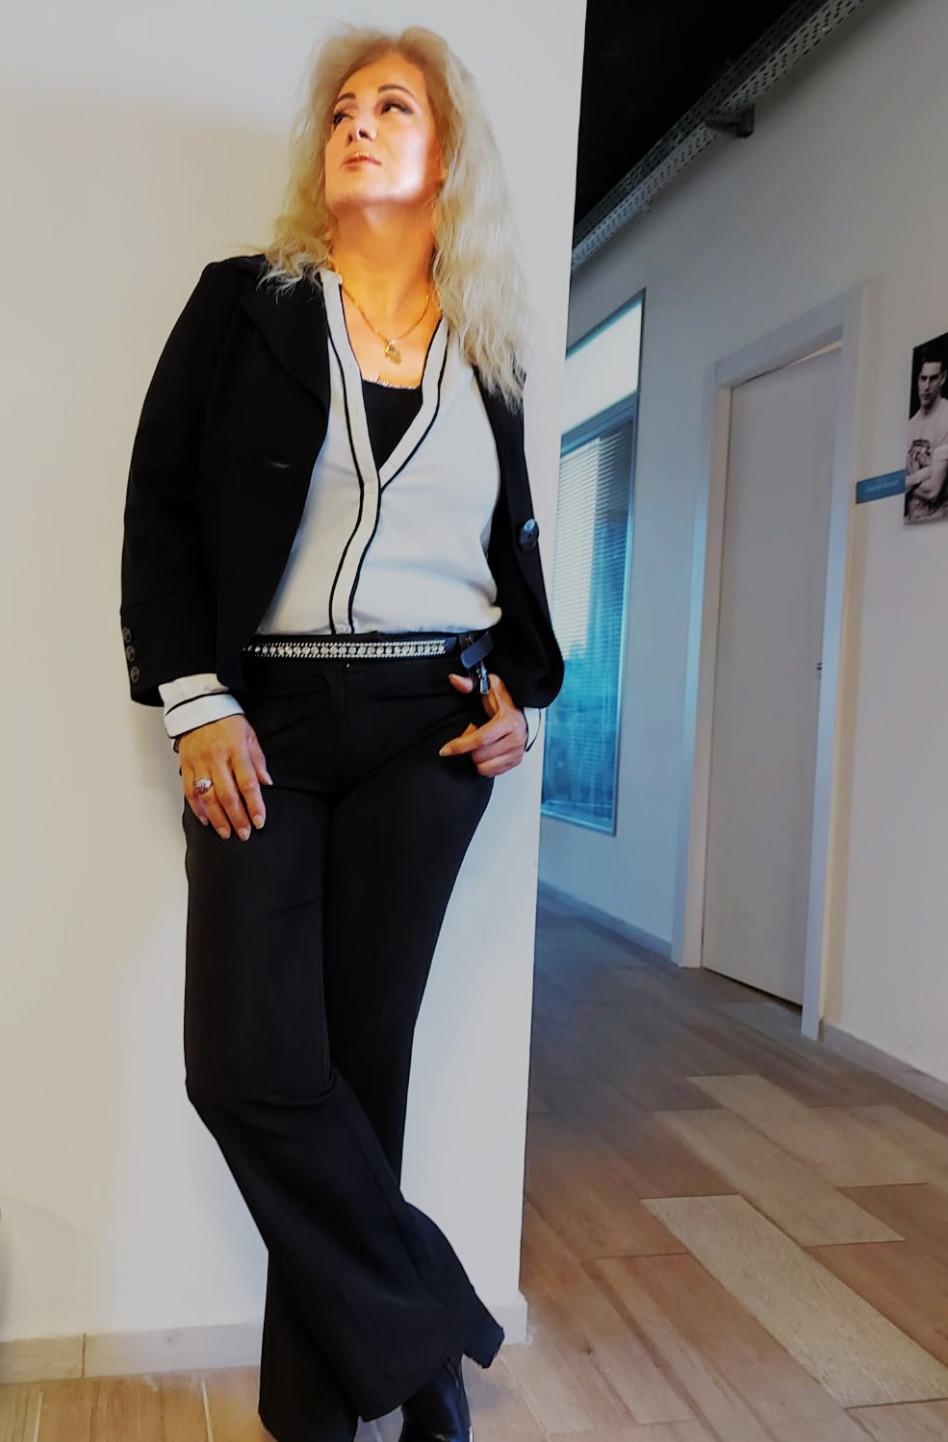 אילנה אביטל (צילום: באדיבות pr public line)